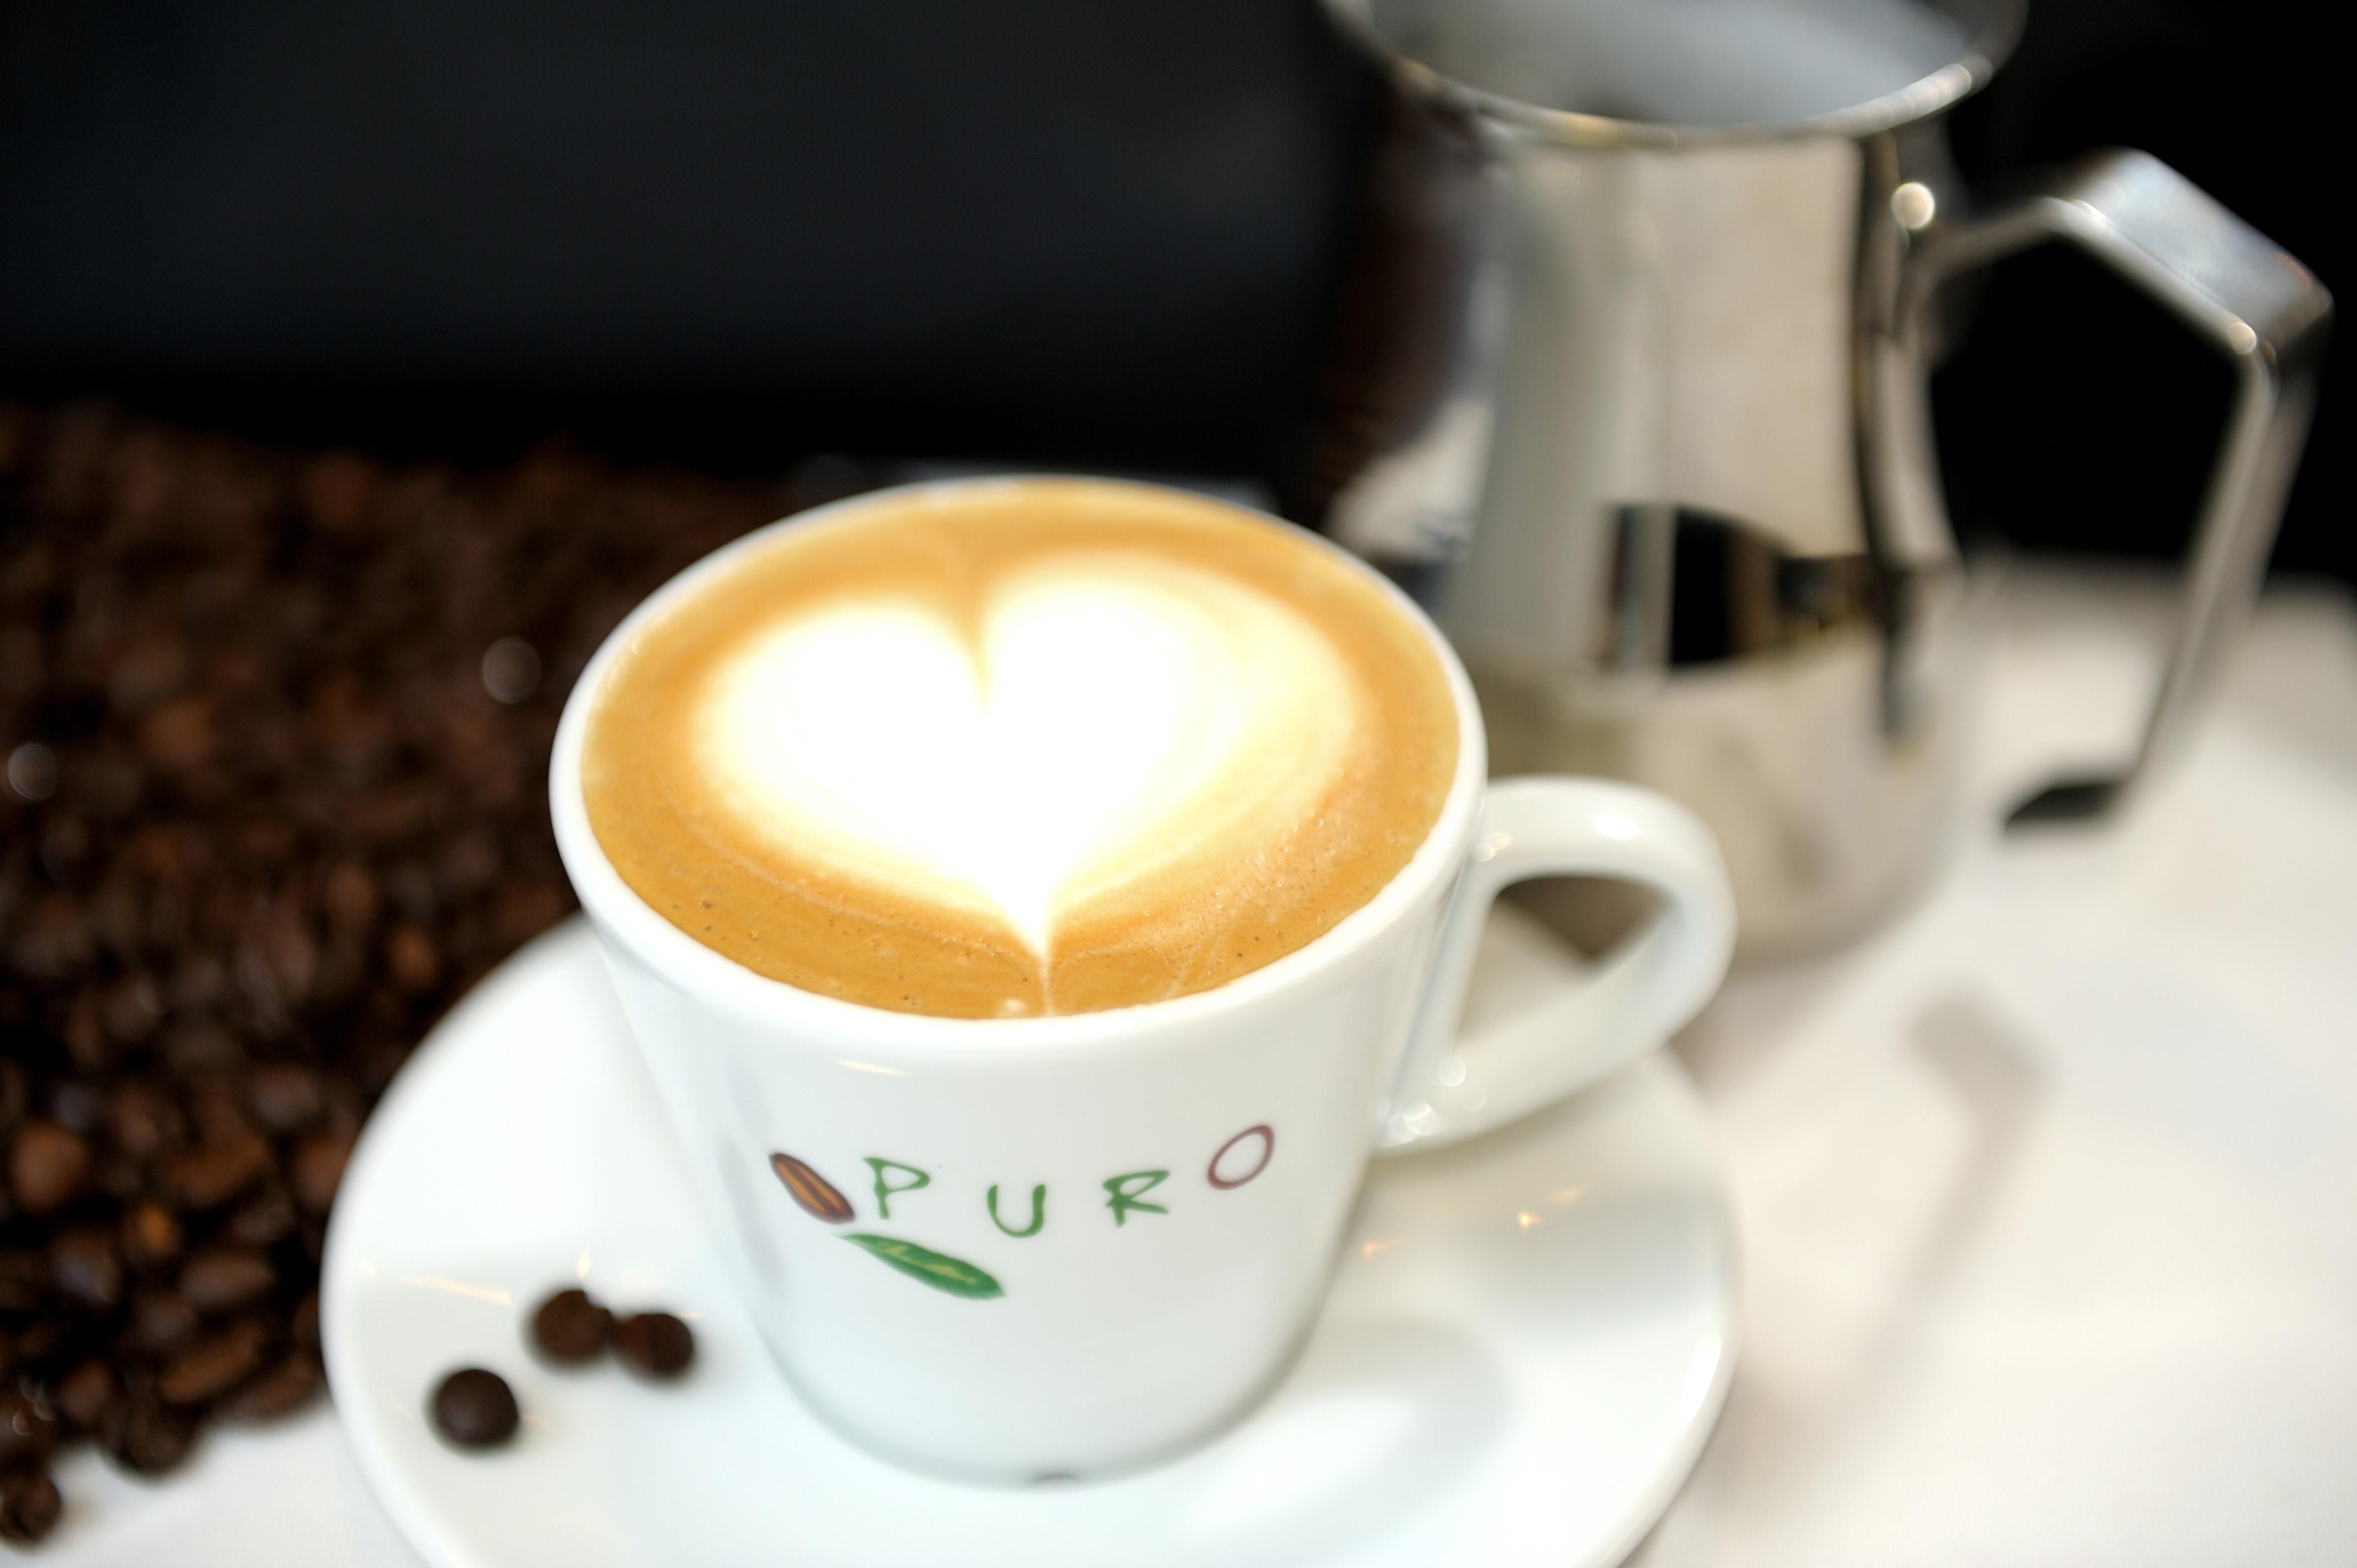 Puro káva